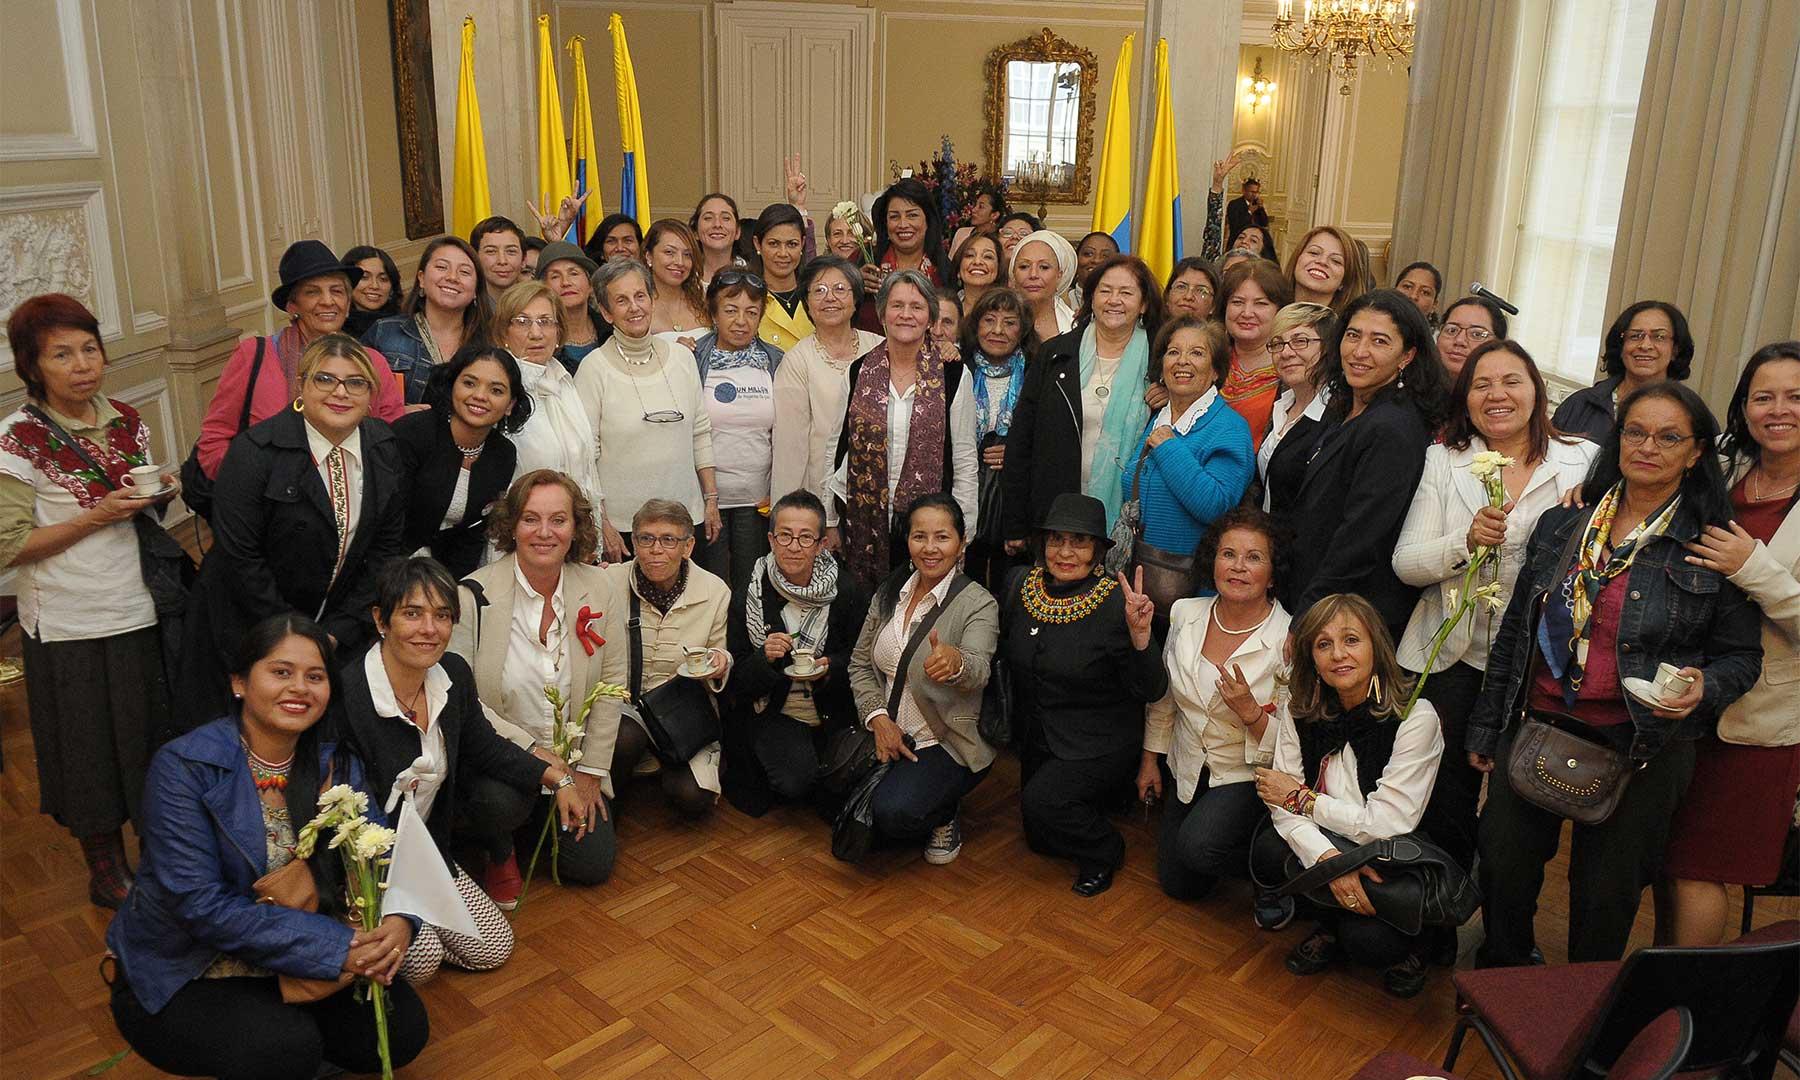 Representantes y voceras de 104 organizaciones y colectivos de mujeres de todo el país, expresaron al Jefe del Estado su apoyo irrestricto al Acuerdo suscrito en Cartagena.